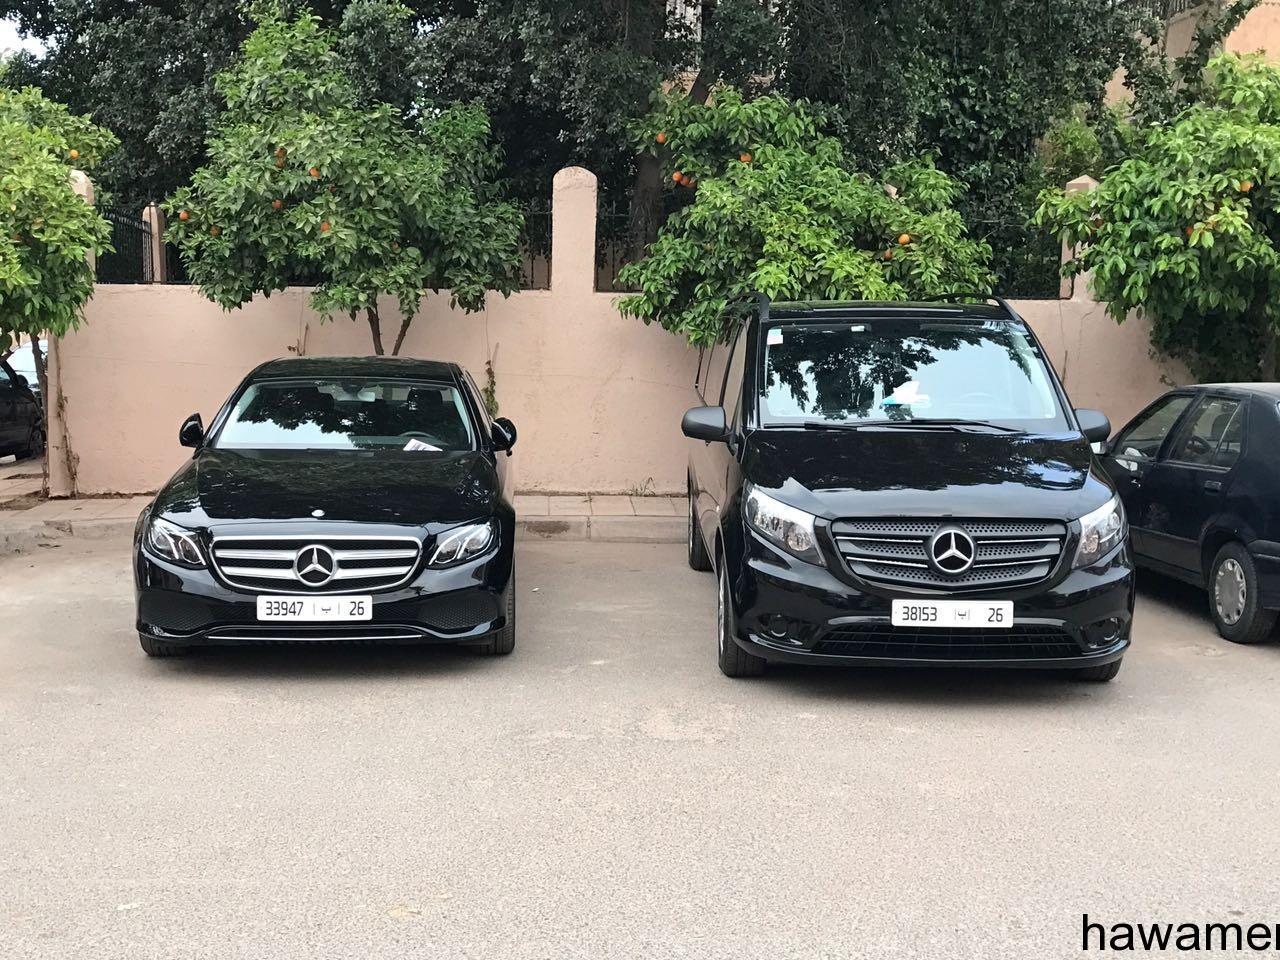 لمن يريد  سيارة بسائقها  في المغرب  او سكن